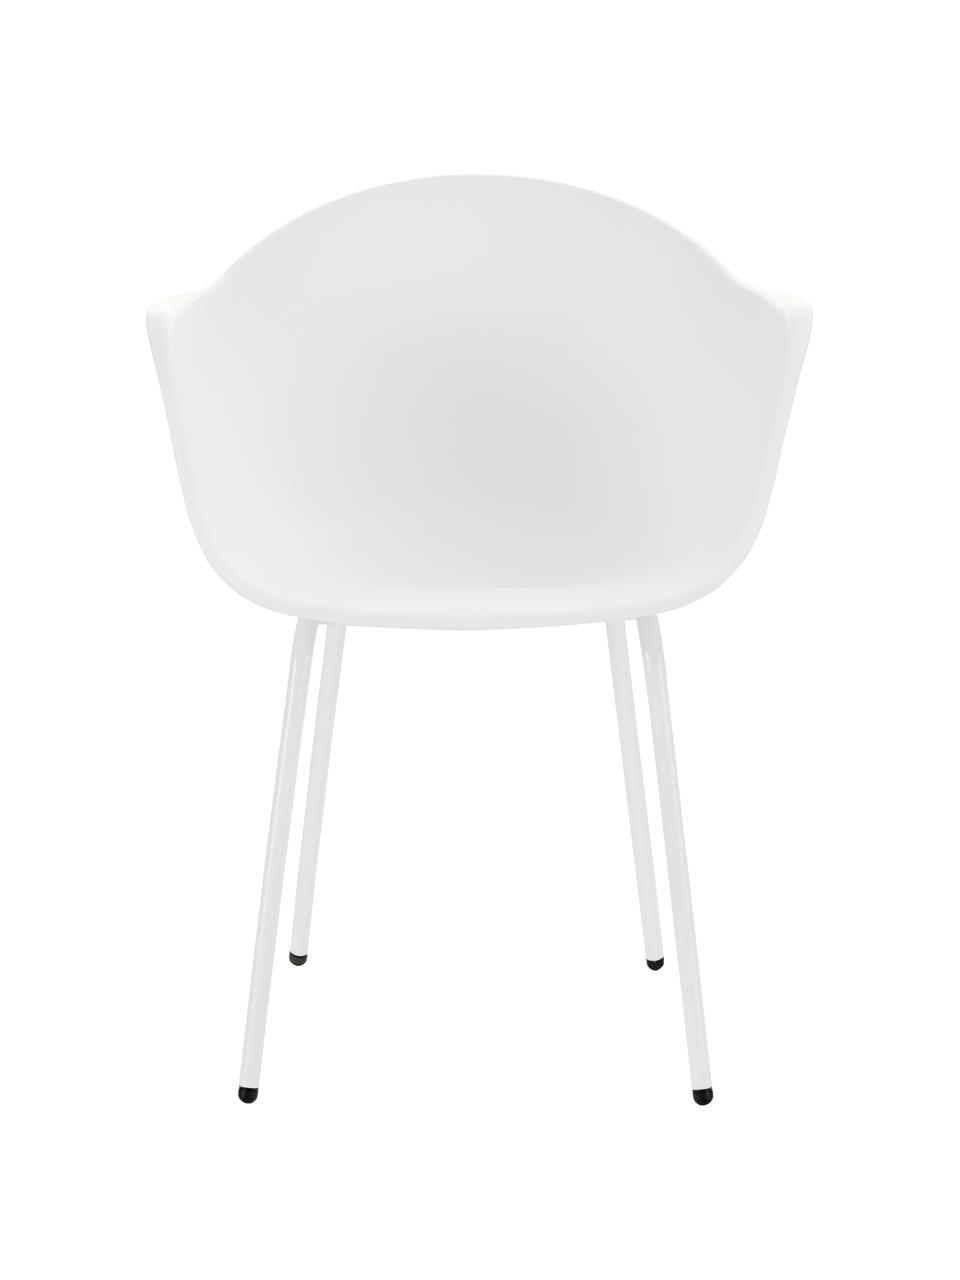 Gartenstuhl Claire in Weiß, Sitzschale: 65% Kunststoff, 35% Fiber, Beine: Metall, pulverbeschichtet, Weiß, B 60 x T 54 cm